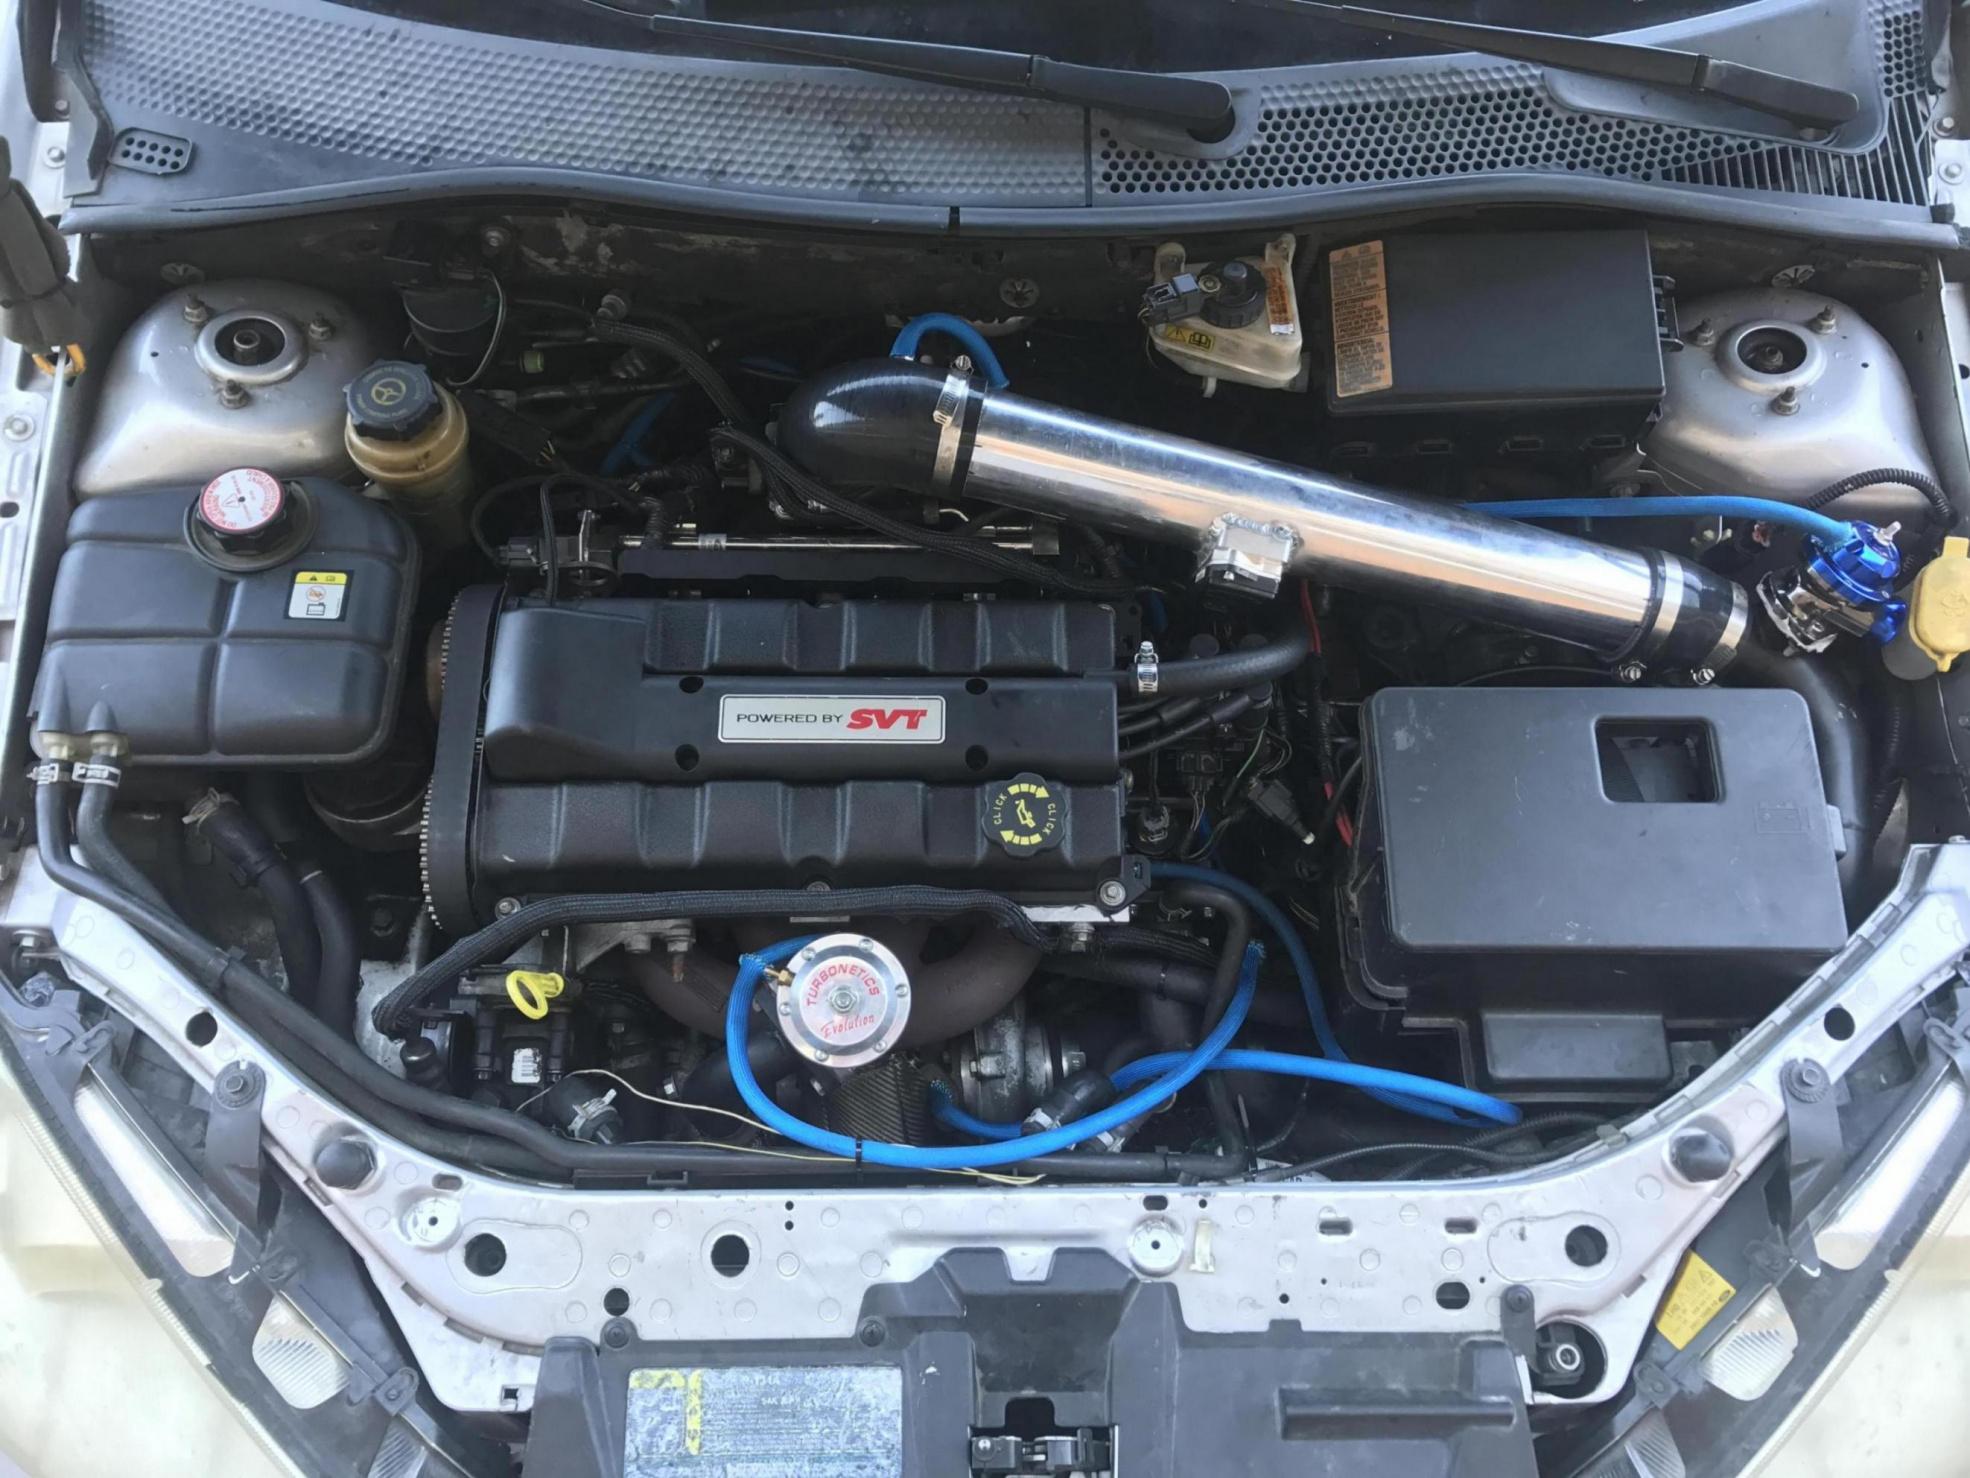 2004 SVTF EAP ZX5 (blown engine)-64bb2aaf-6a37-473d-b48d-eb0c5fd5912b_1562680805202.jpg